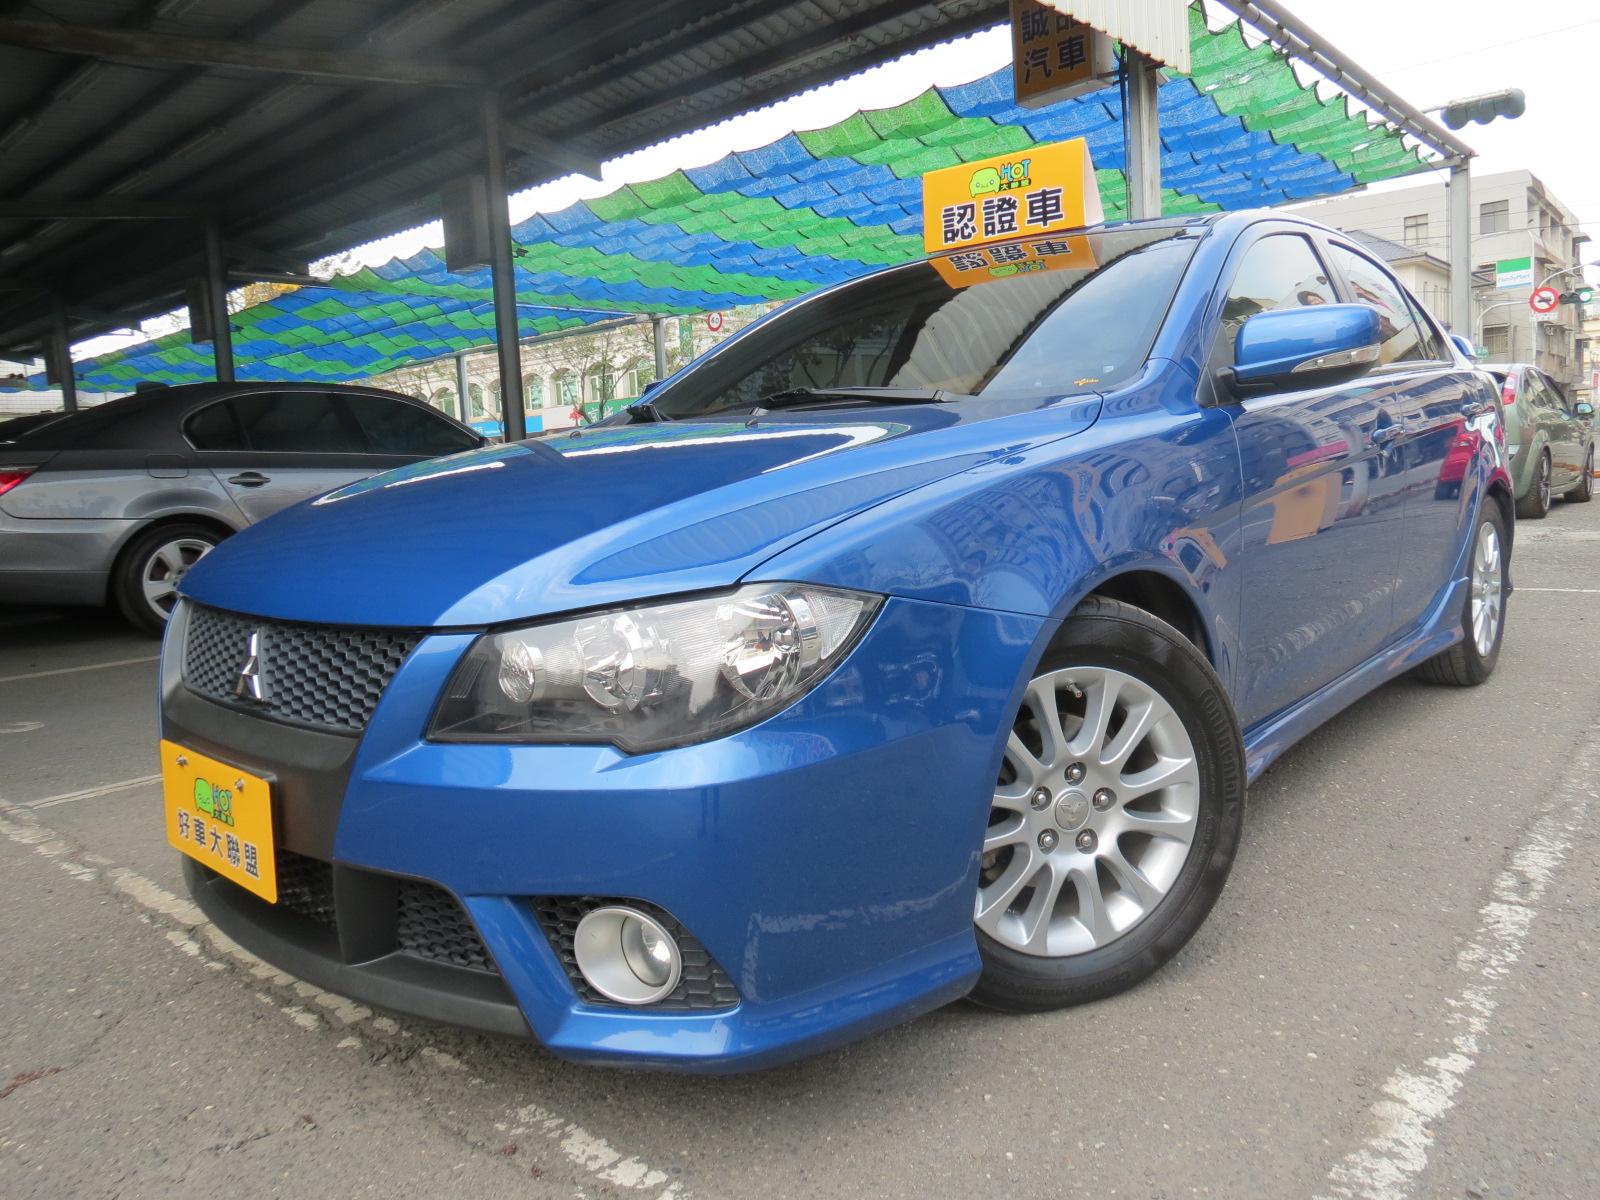 2012 Mitsubishi Lancer fortis